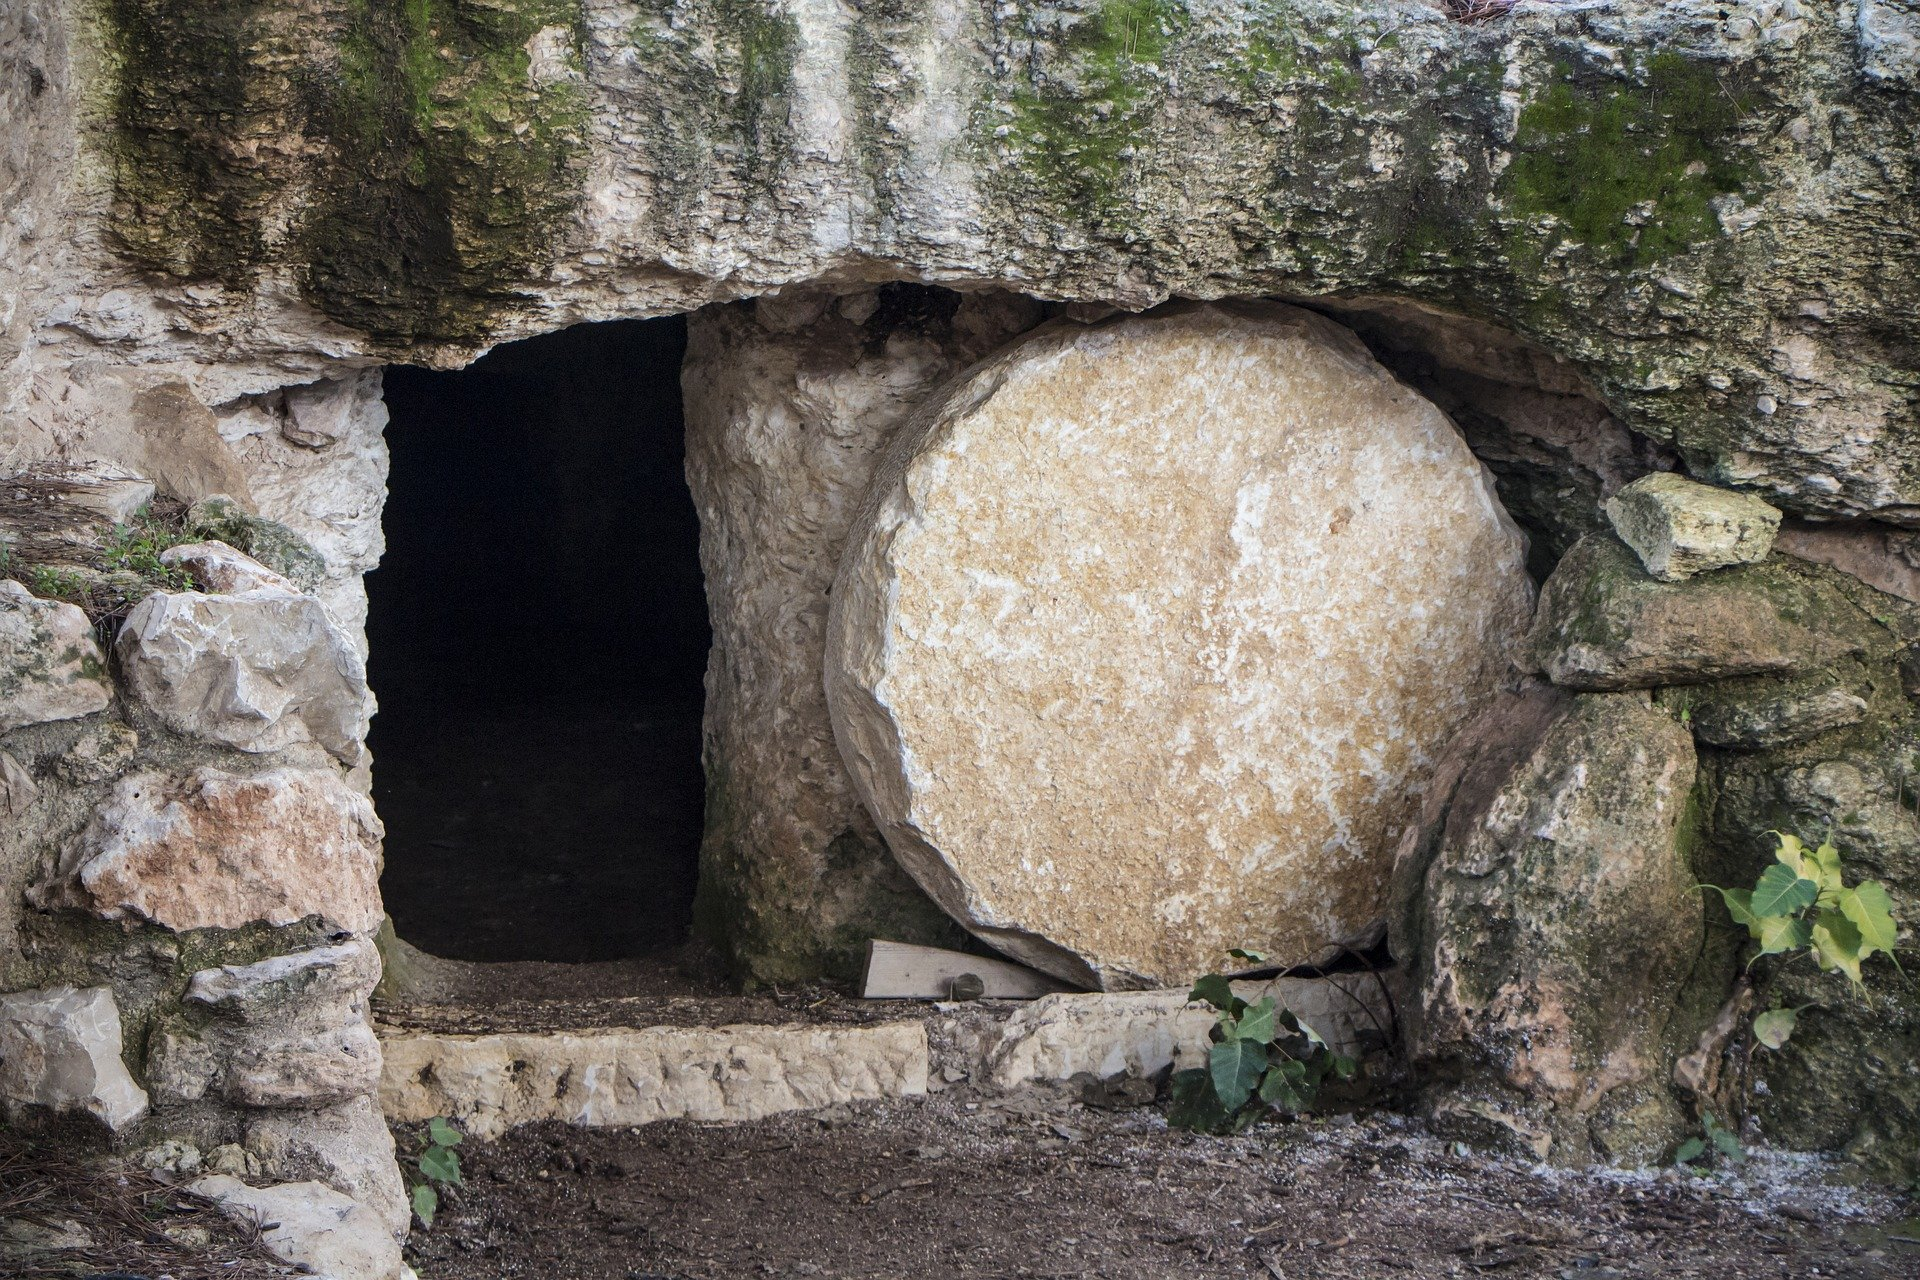 Velikonoce v obýváku – Velikonoční vigilie